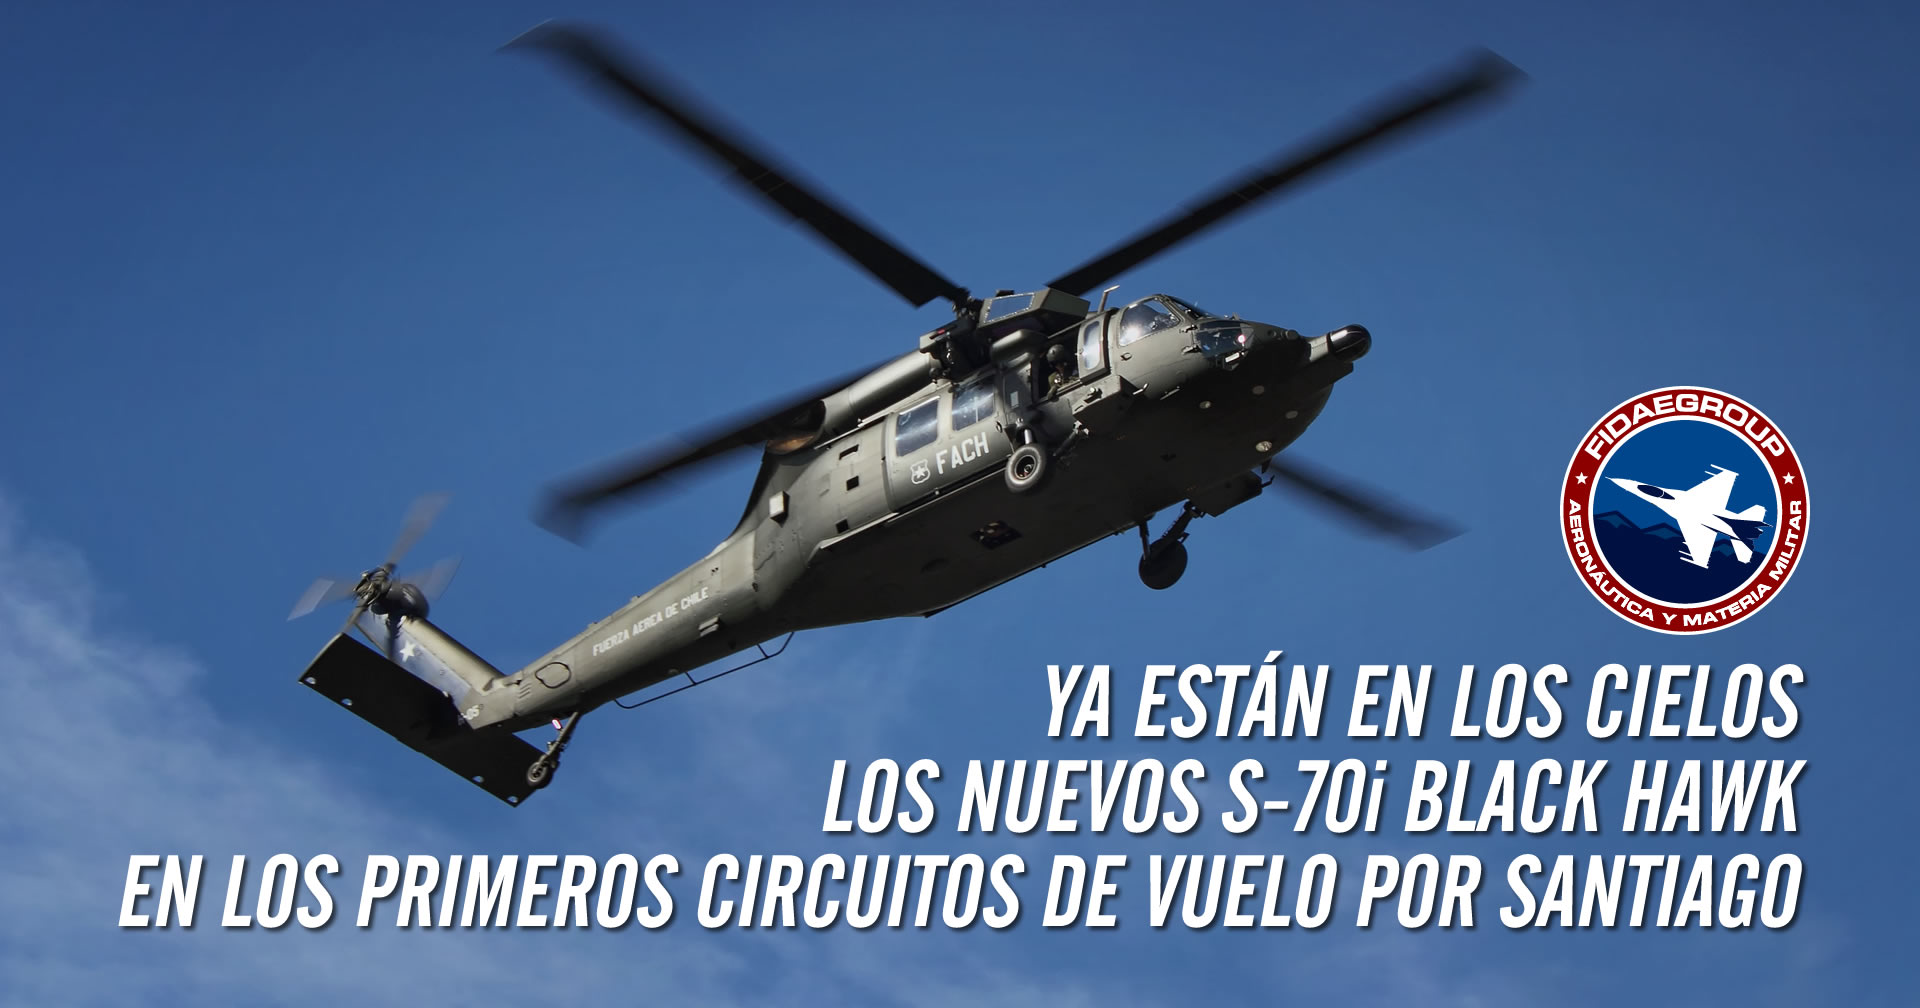 Photo of Ya están en los cielos los nuevos S-70i Black Hawk en los primeros circuitos de vuelo por Santiago